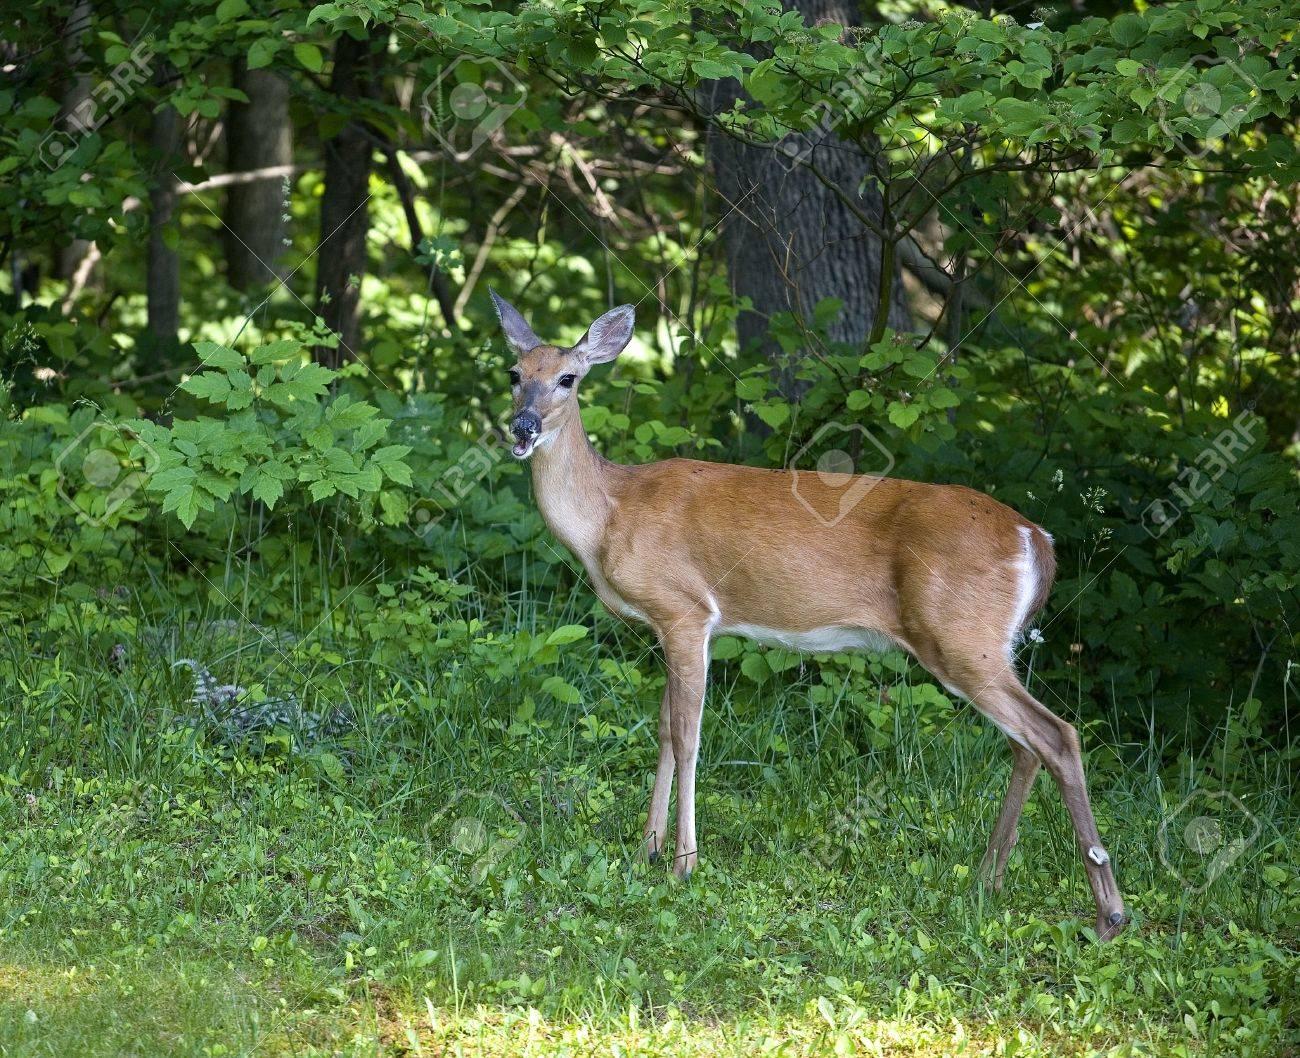 夏の森の端にある whitetail 鹿 doe ロイヤリティーフリーフォト